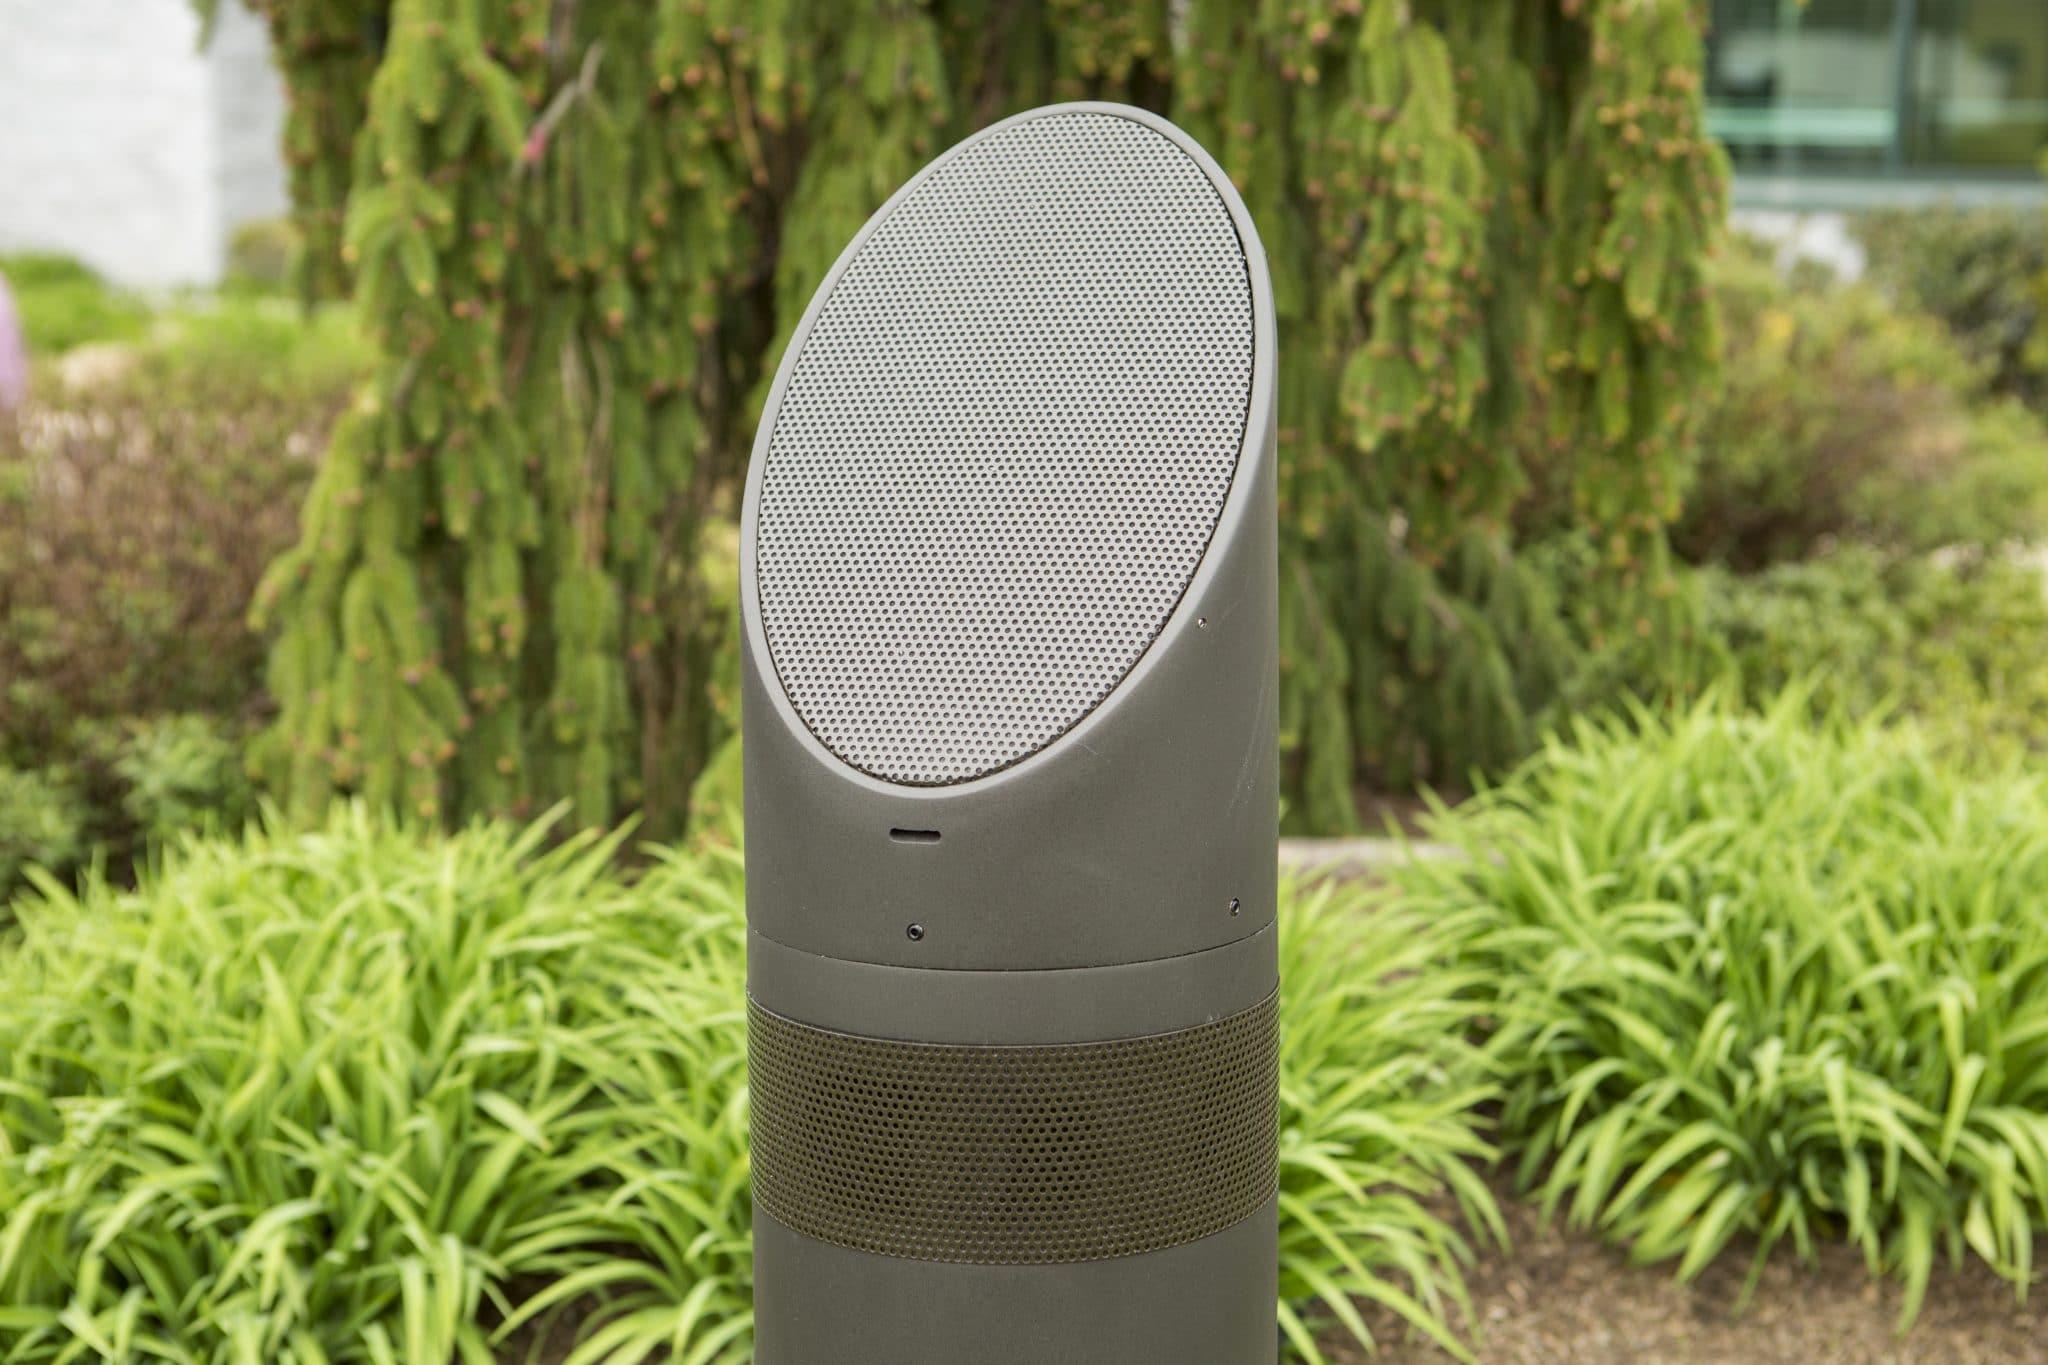 outdoor audio in pleasant prairie, pleasant prairie outdoor speakers, mikes landscape lighting